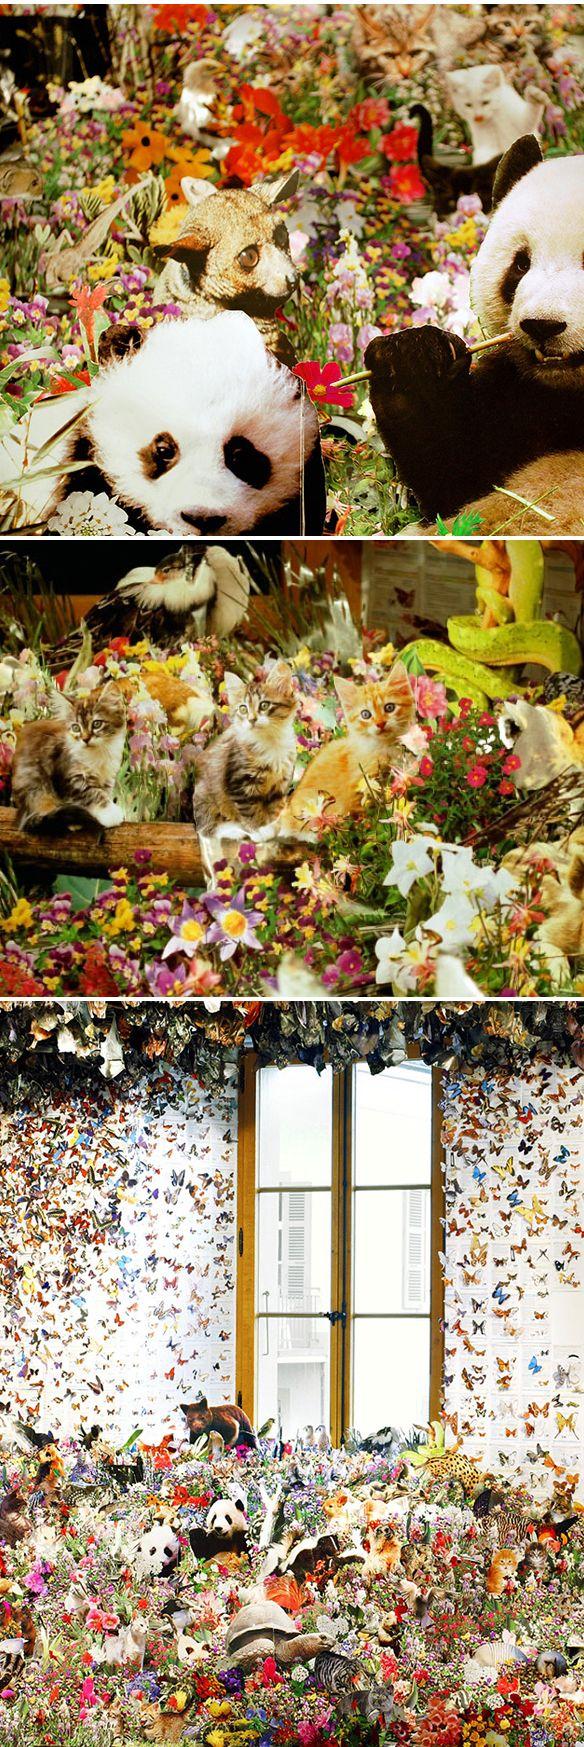 andrea mastrovito - installation meets collage!